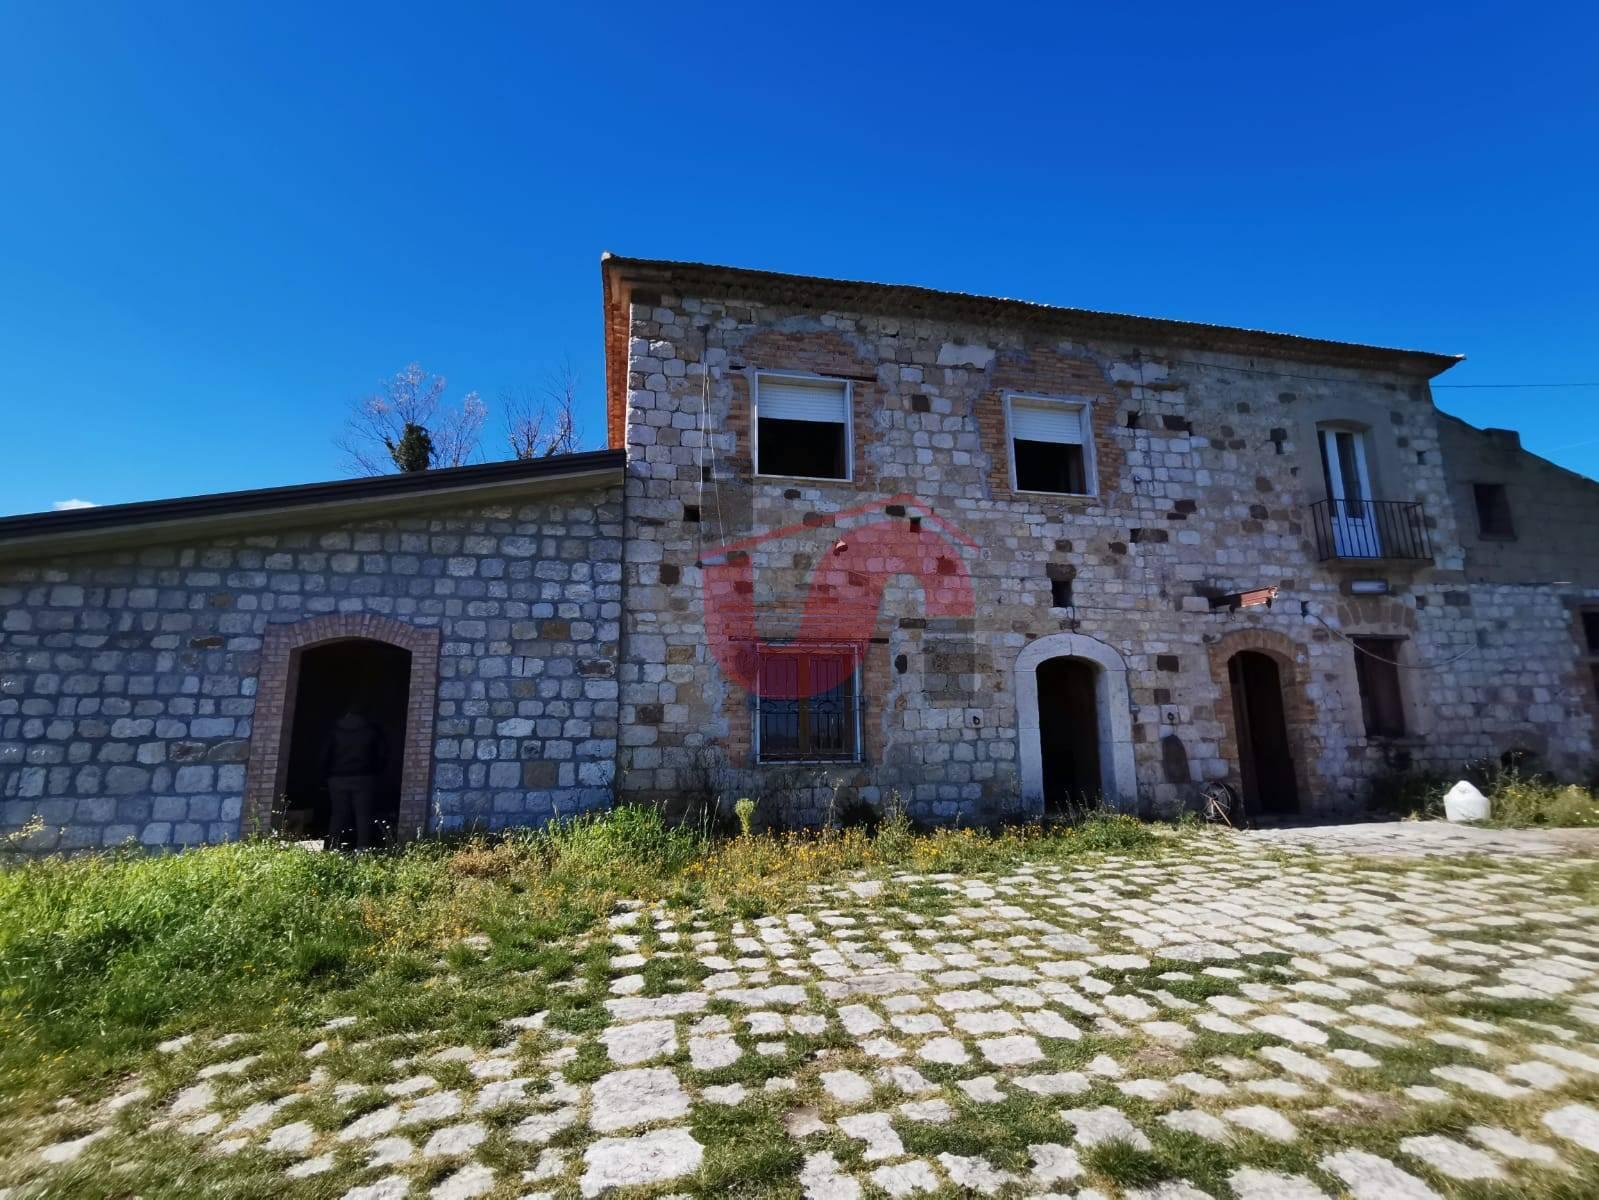 Rustico / Casale in vendita a Foglianise, 12 locali, zona Zona: Cienzi, prezzo € 168.000   CambioCasa.it